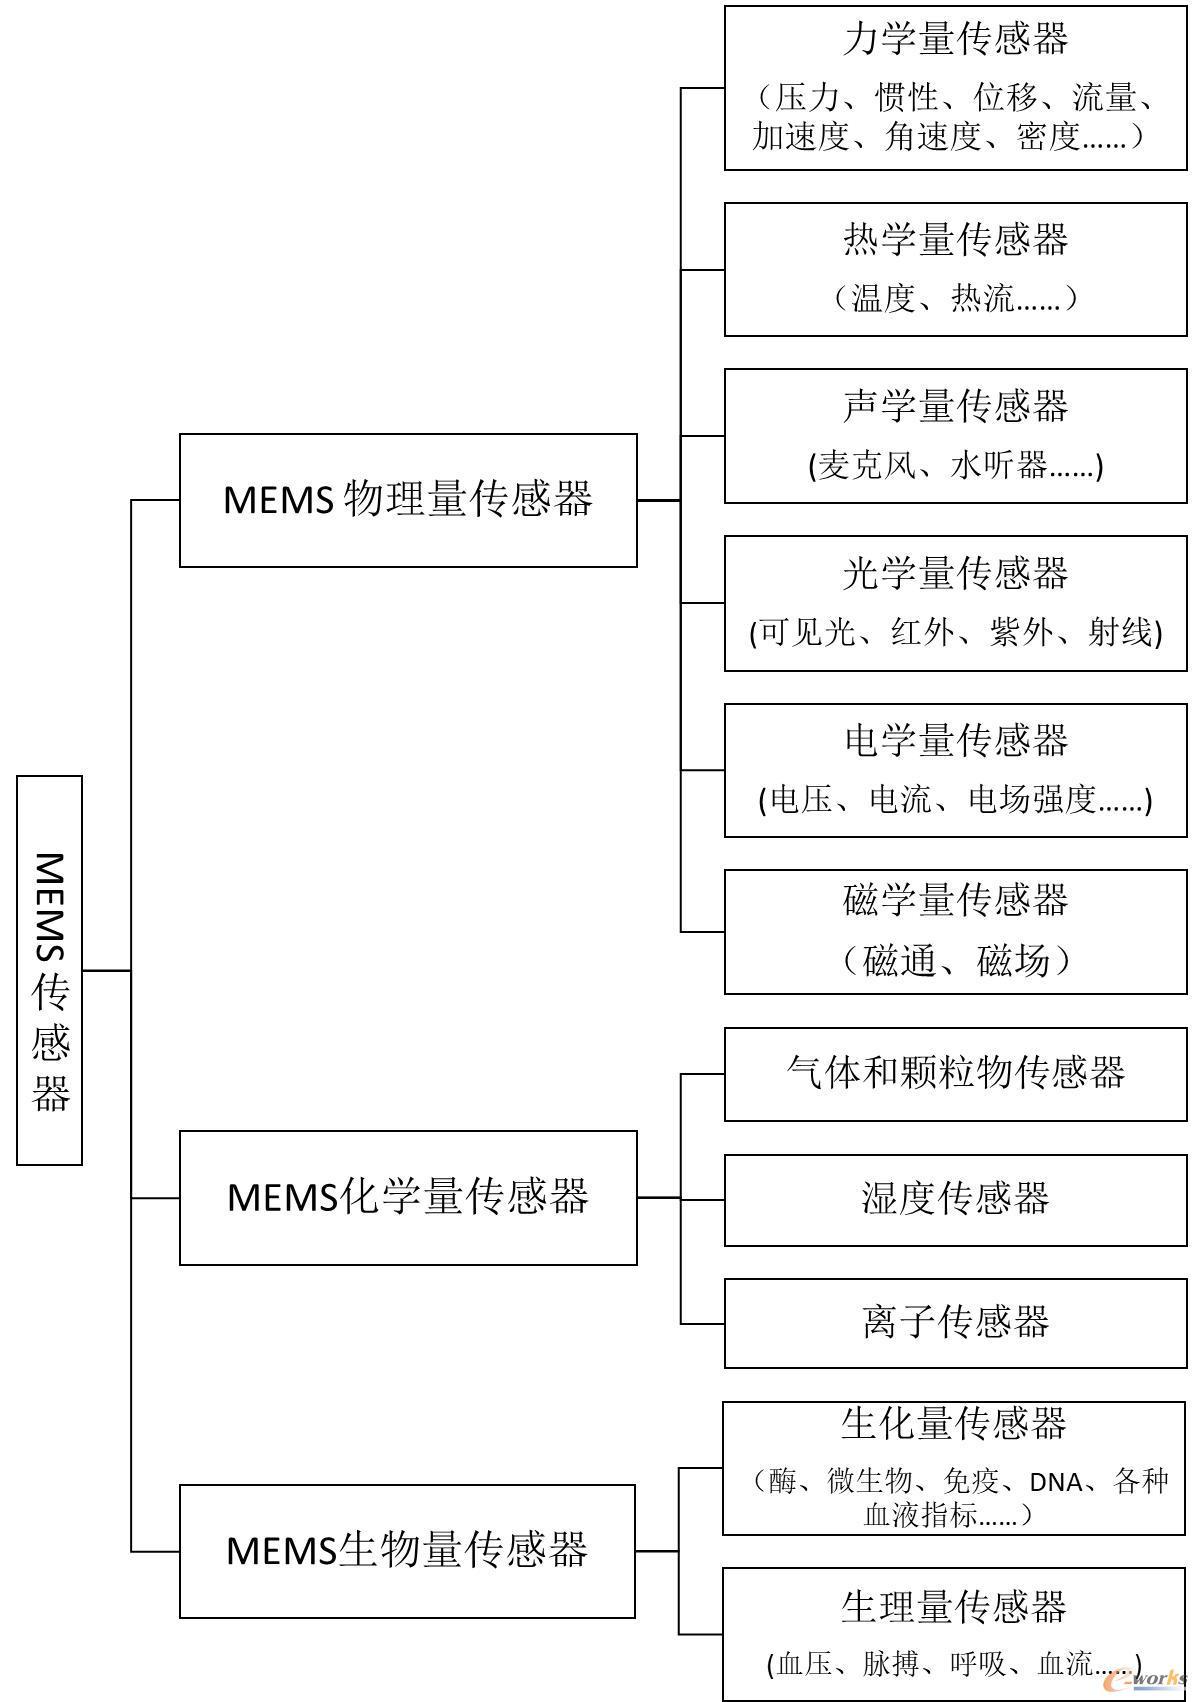 MEMS传感器分类